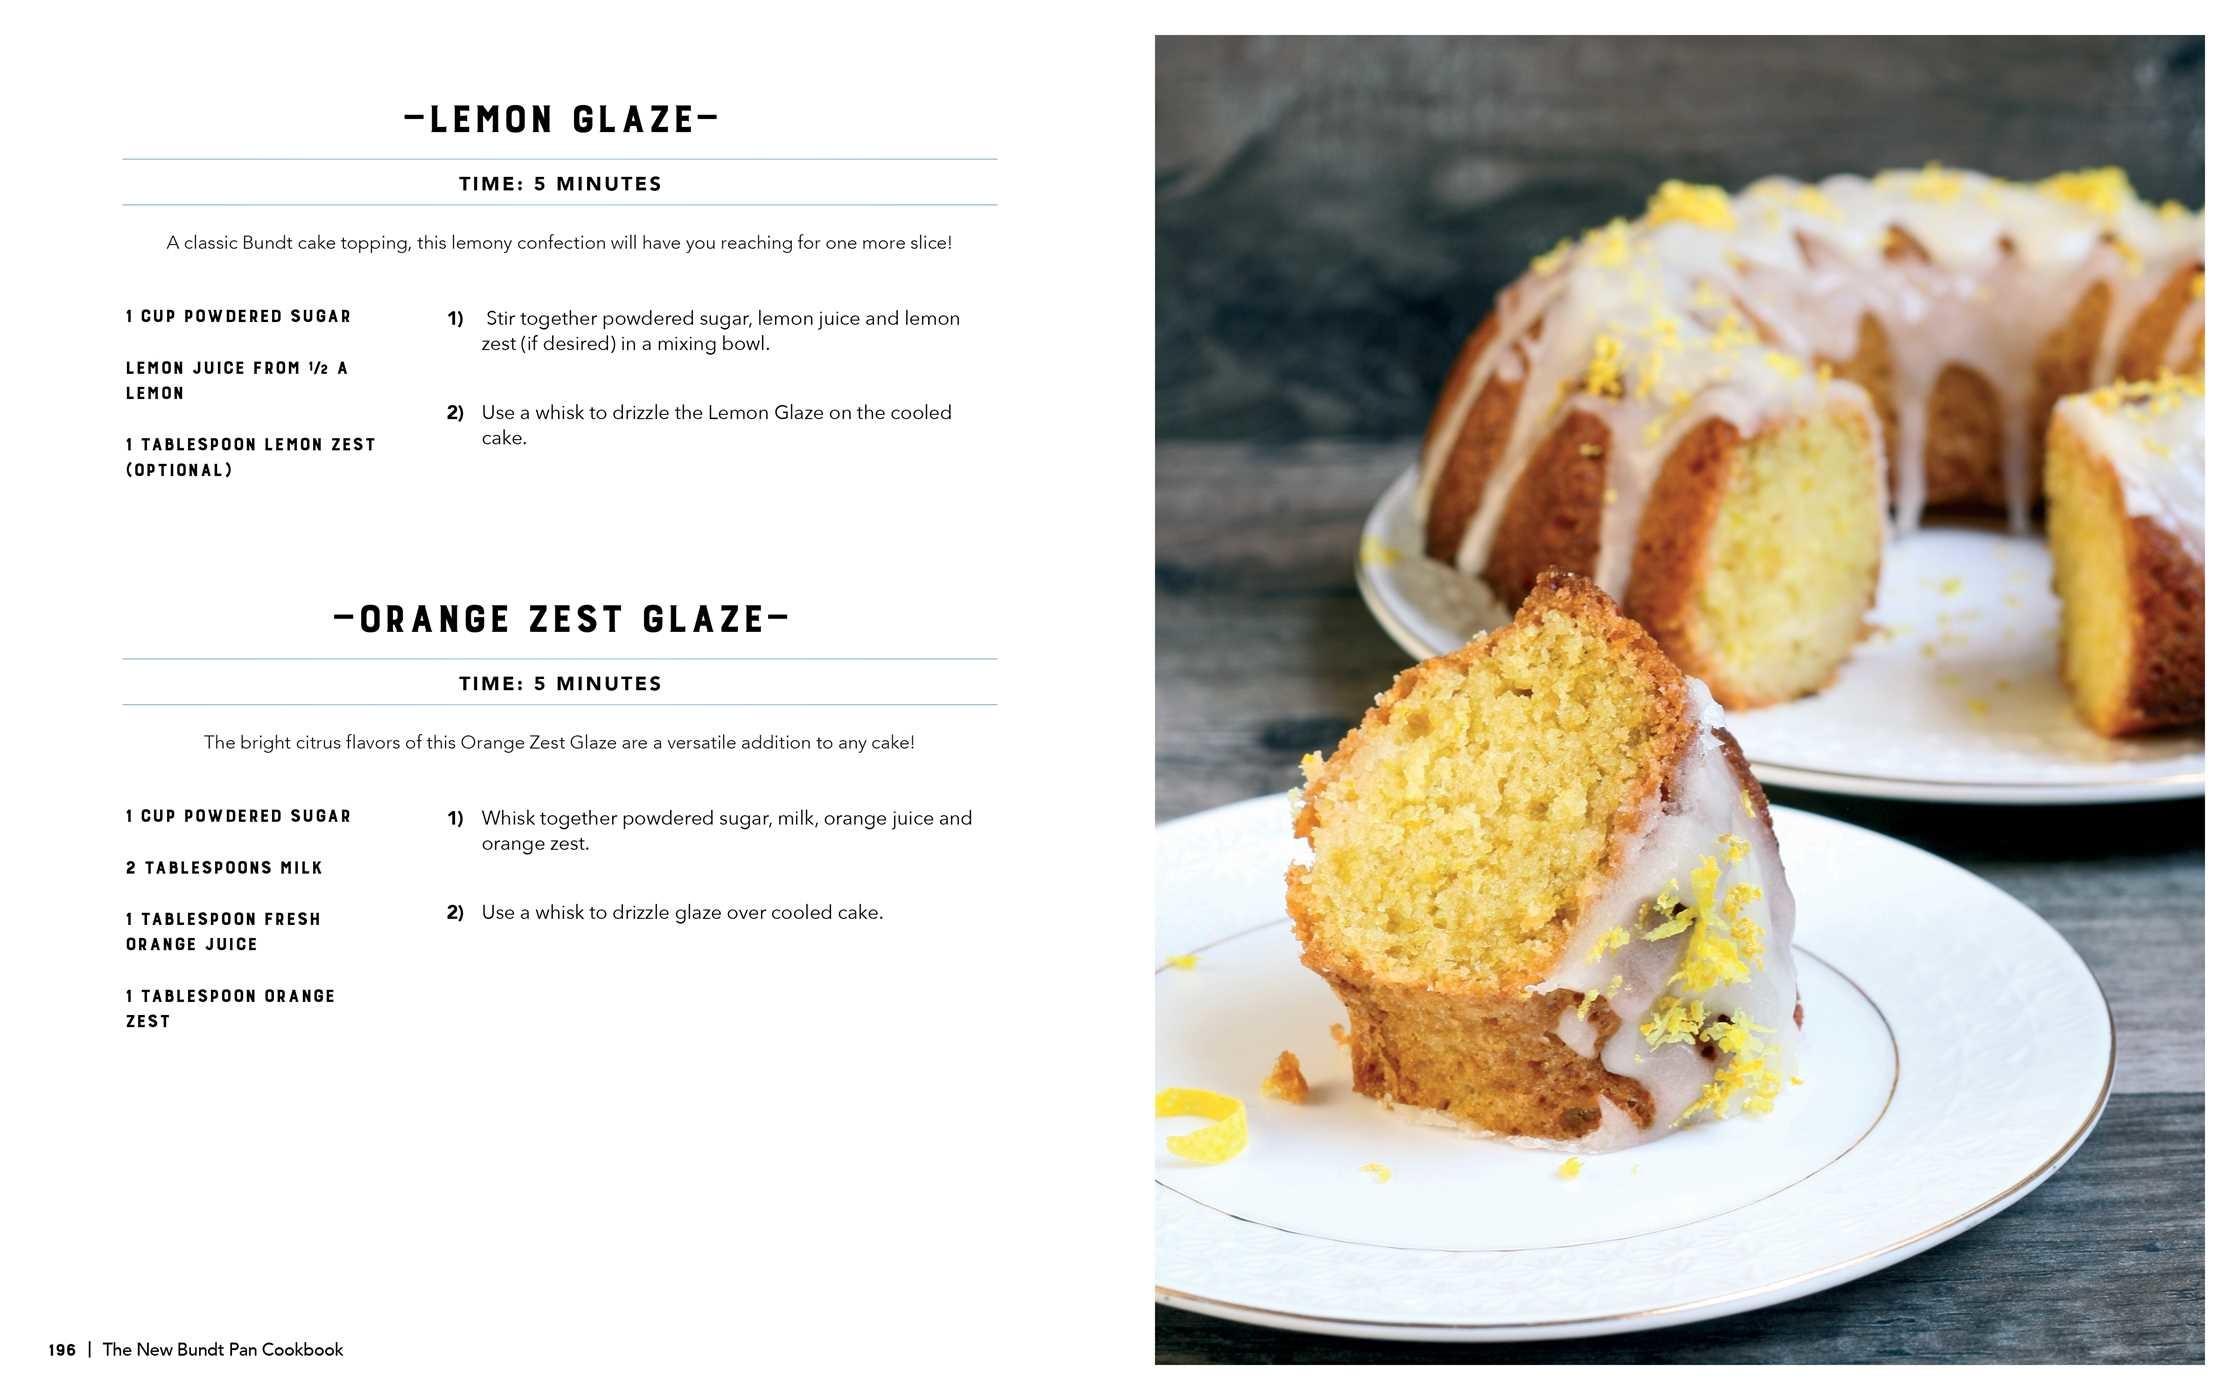 The new bundt pan cookbook 9781604337402.in08